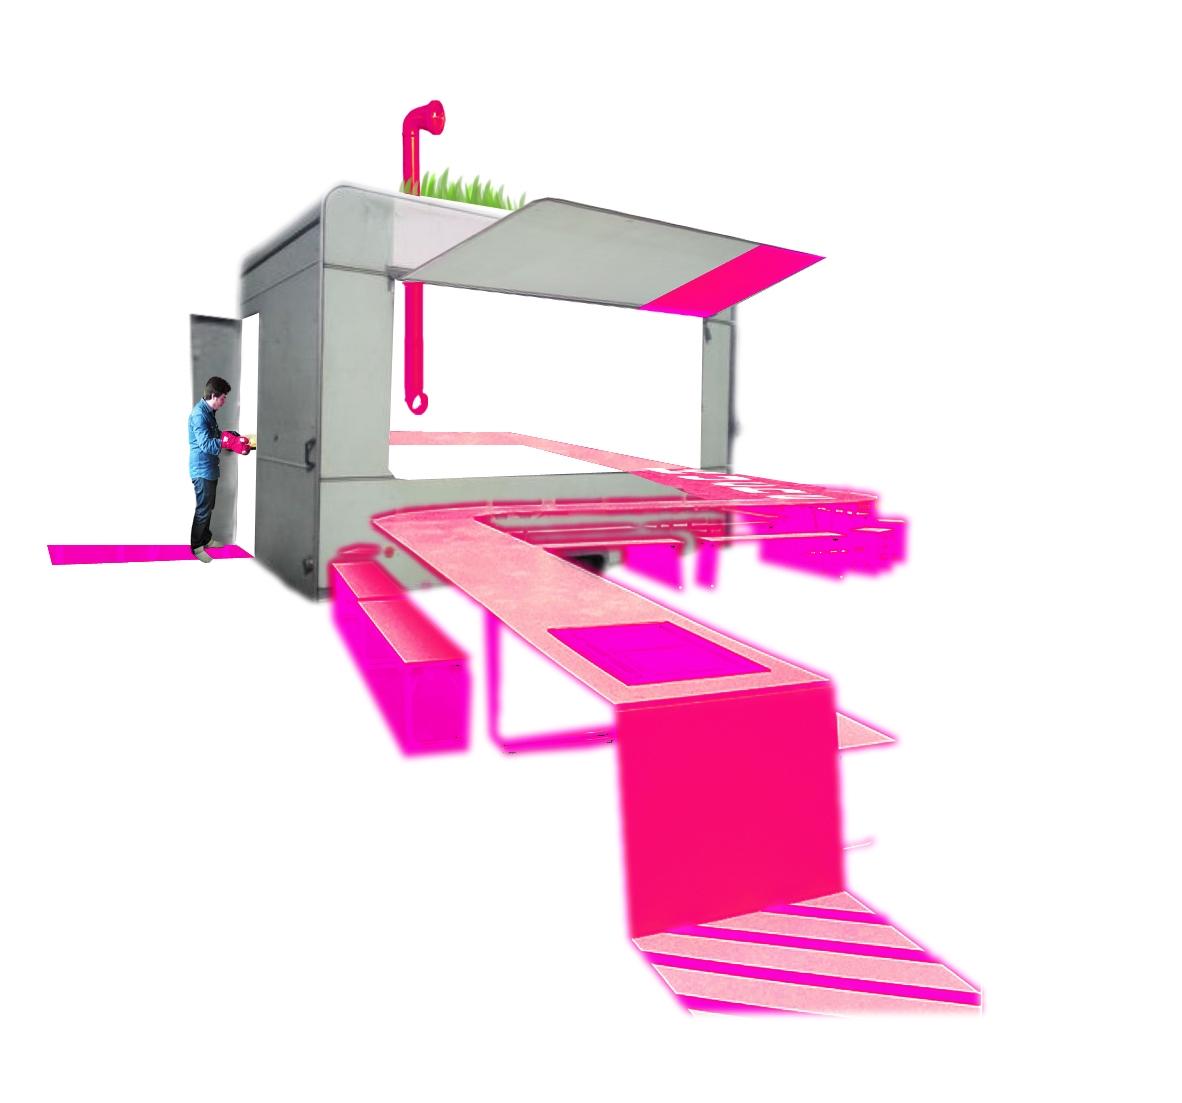 Das Küchenmobil – HUkultur freut sich auf Patrizia di Monte und Ignacio Grávalos